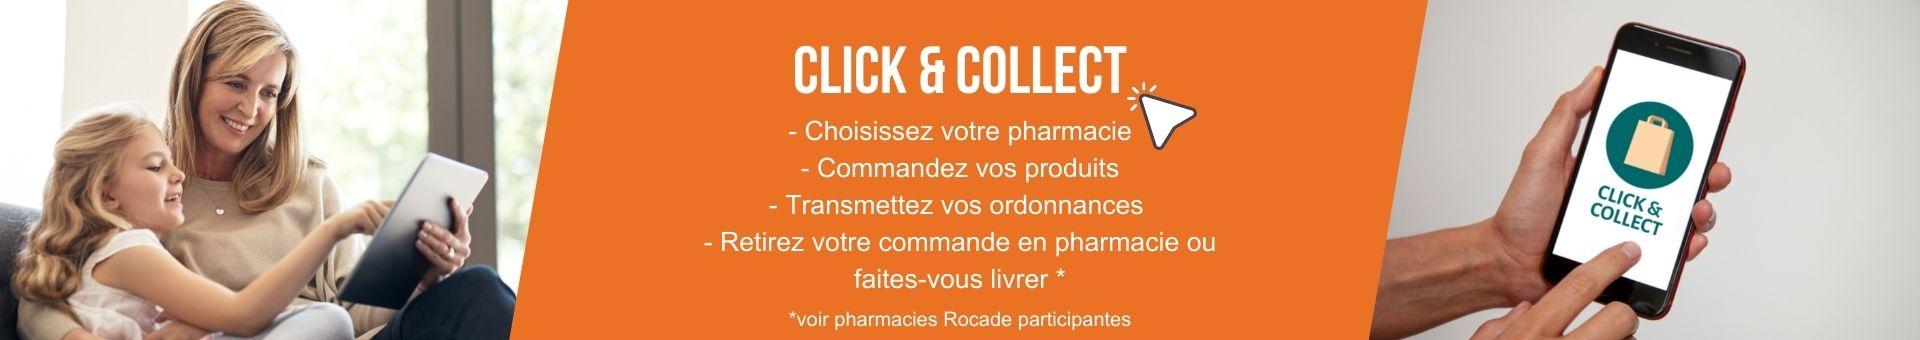 Pharmacie Du Centre,Andernos